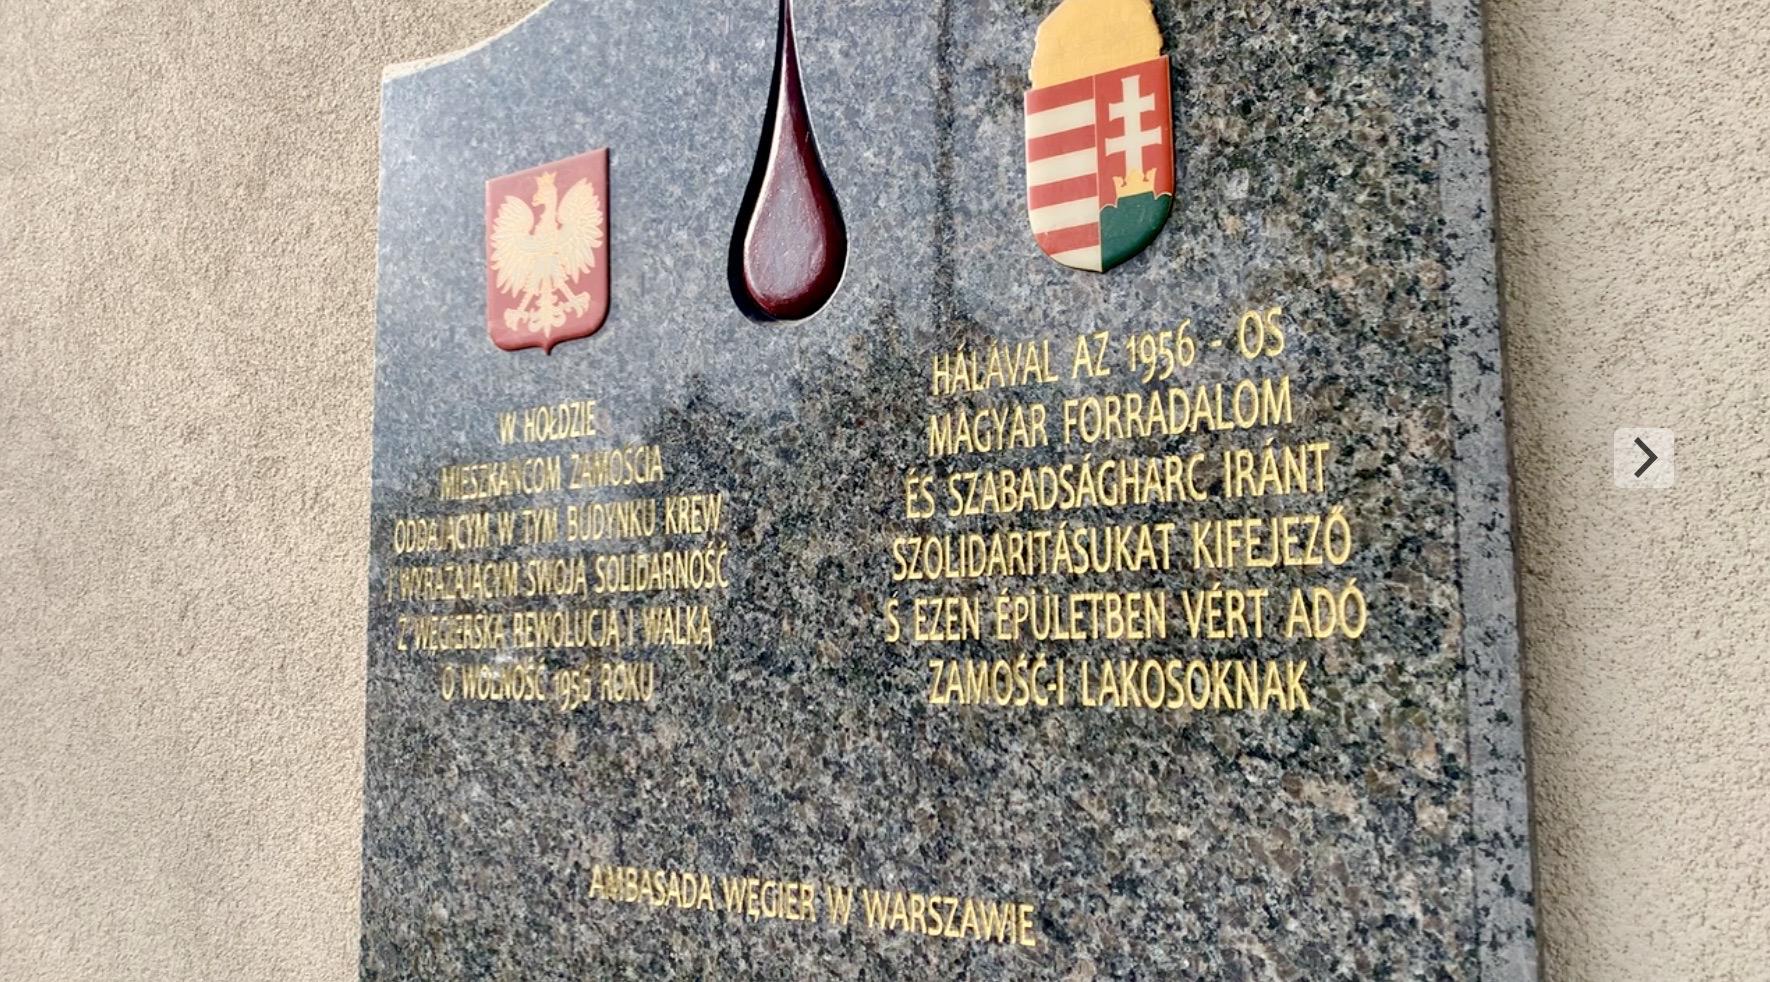 zrzut ekranu 2020 10 23 o 11 46 51 Zamość: Upamiętniono Narodowe Święto Węgier [FOTORELACJA + PREZENT dla czytelników]